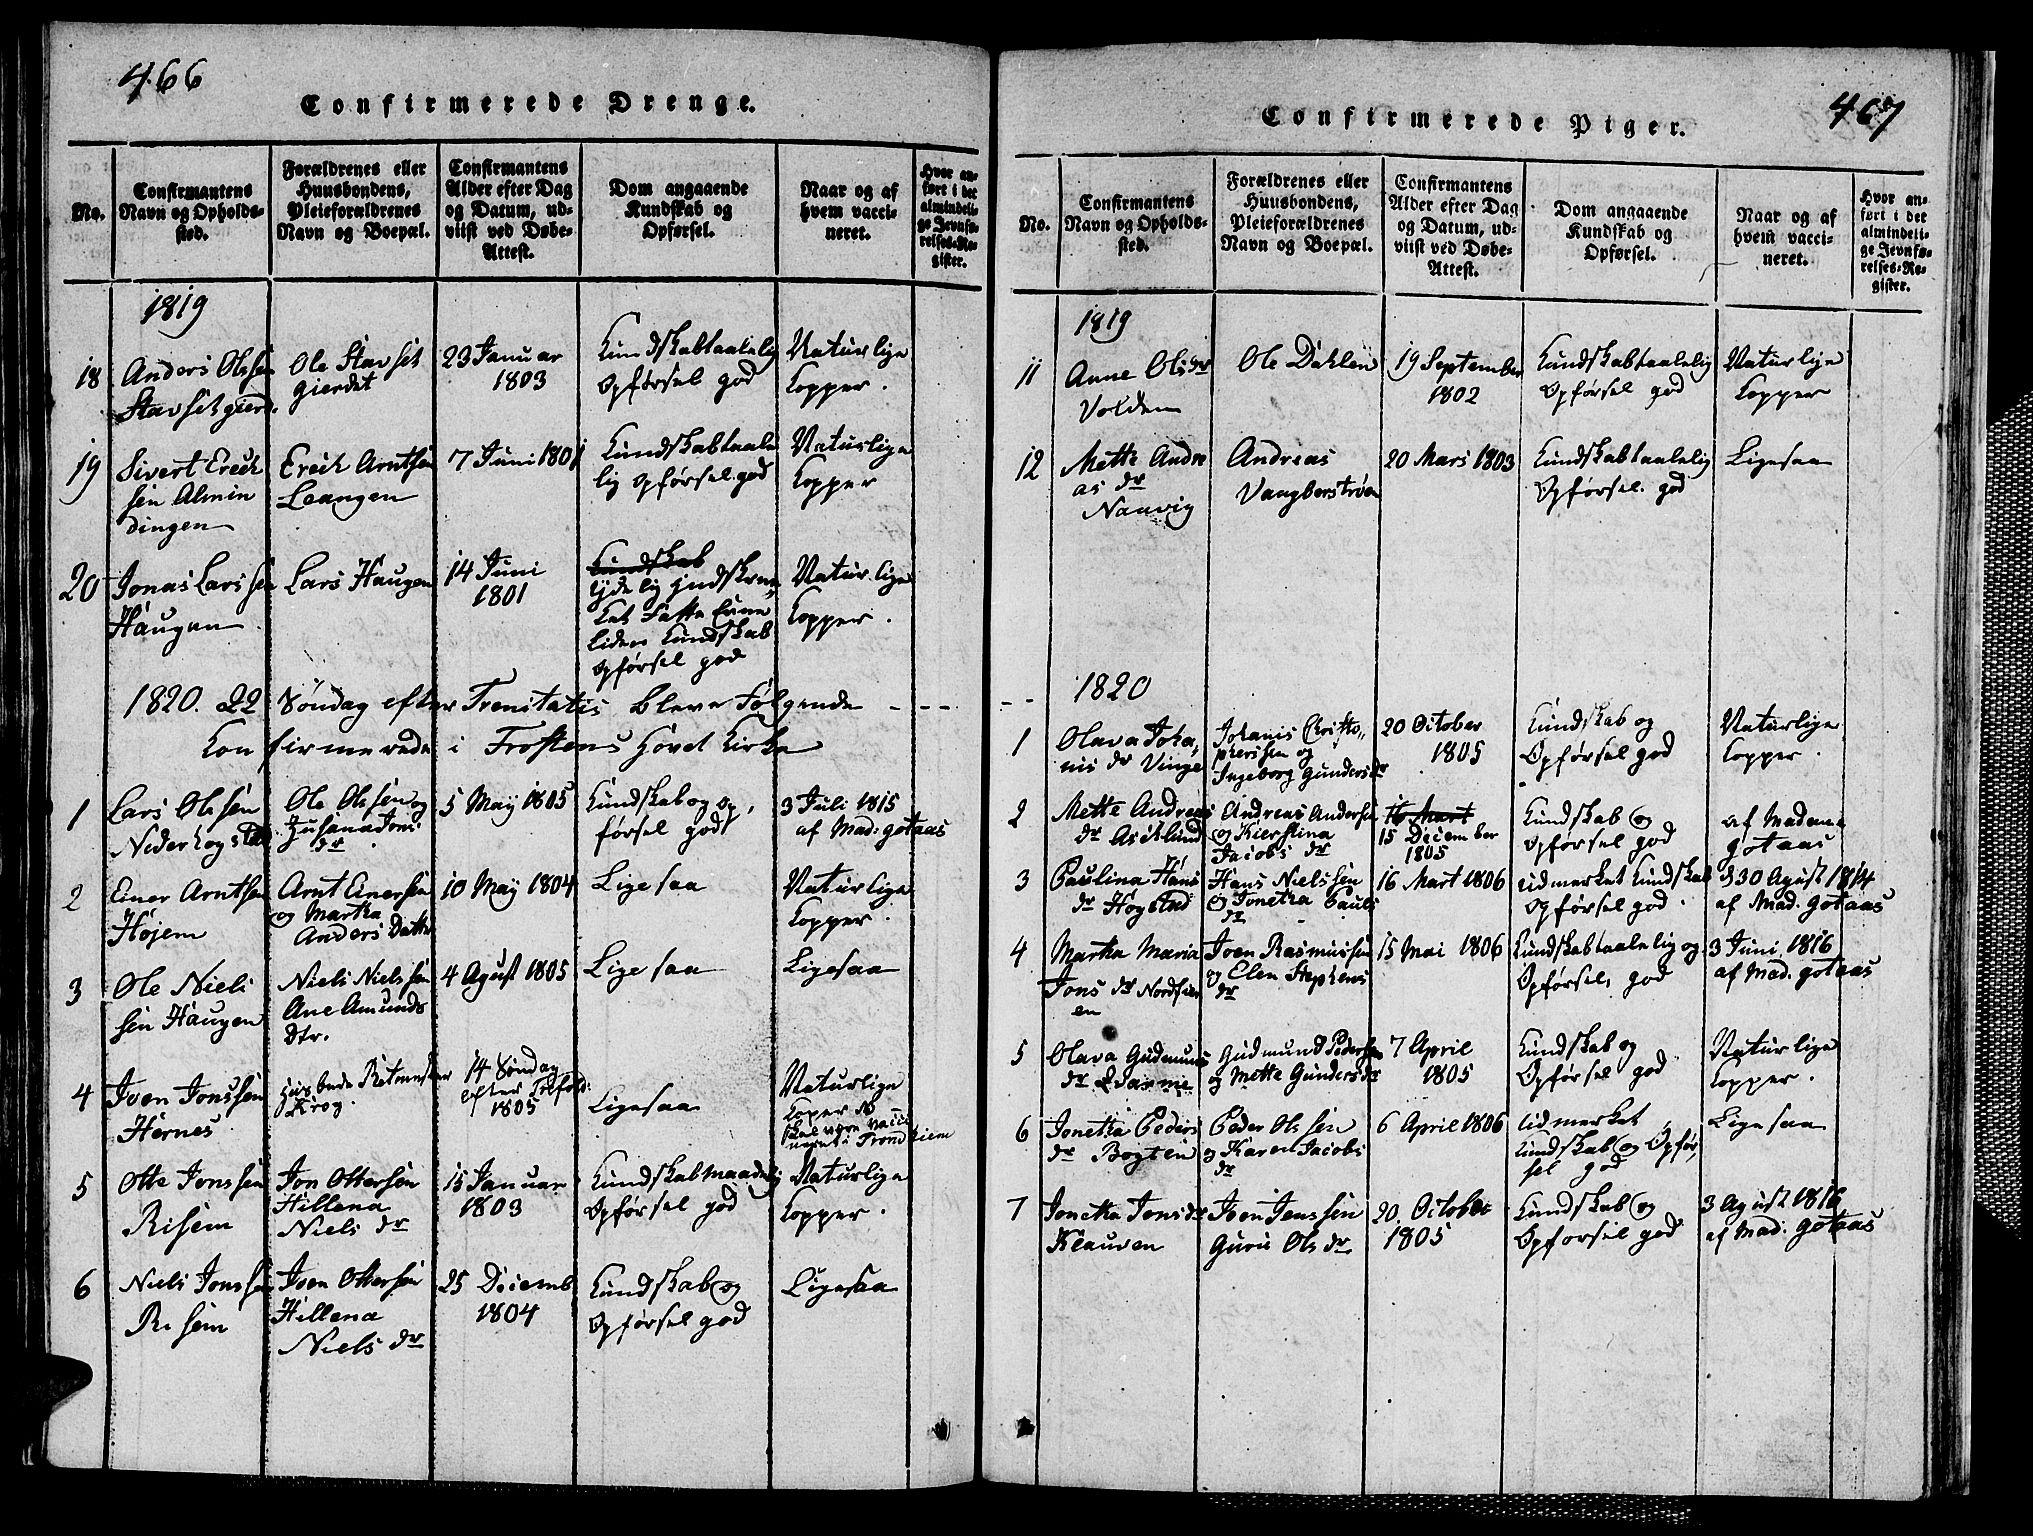 SAT, Ministerialprotokoller, klokkerbøker og fødselsregistre - Nord-Trøndelag, 713/L0124: Klokkerbok nr. 713C01, 1817-1827, s. 466-467